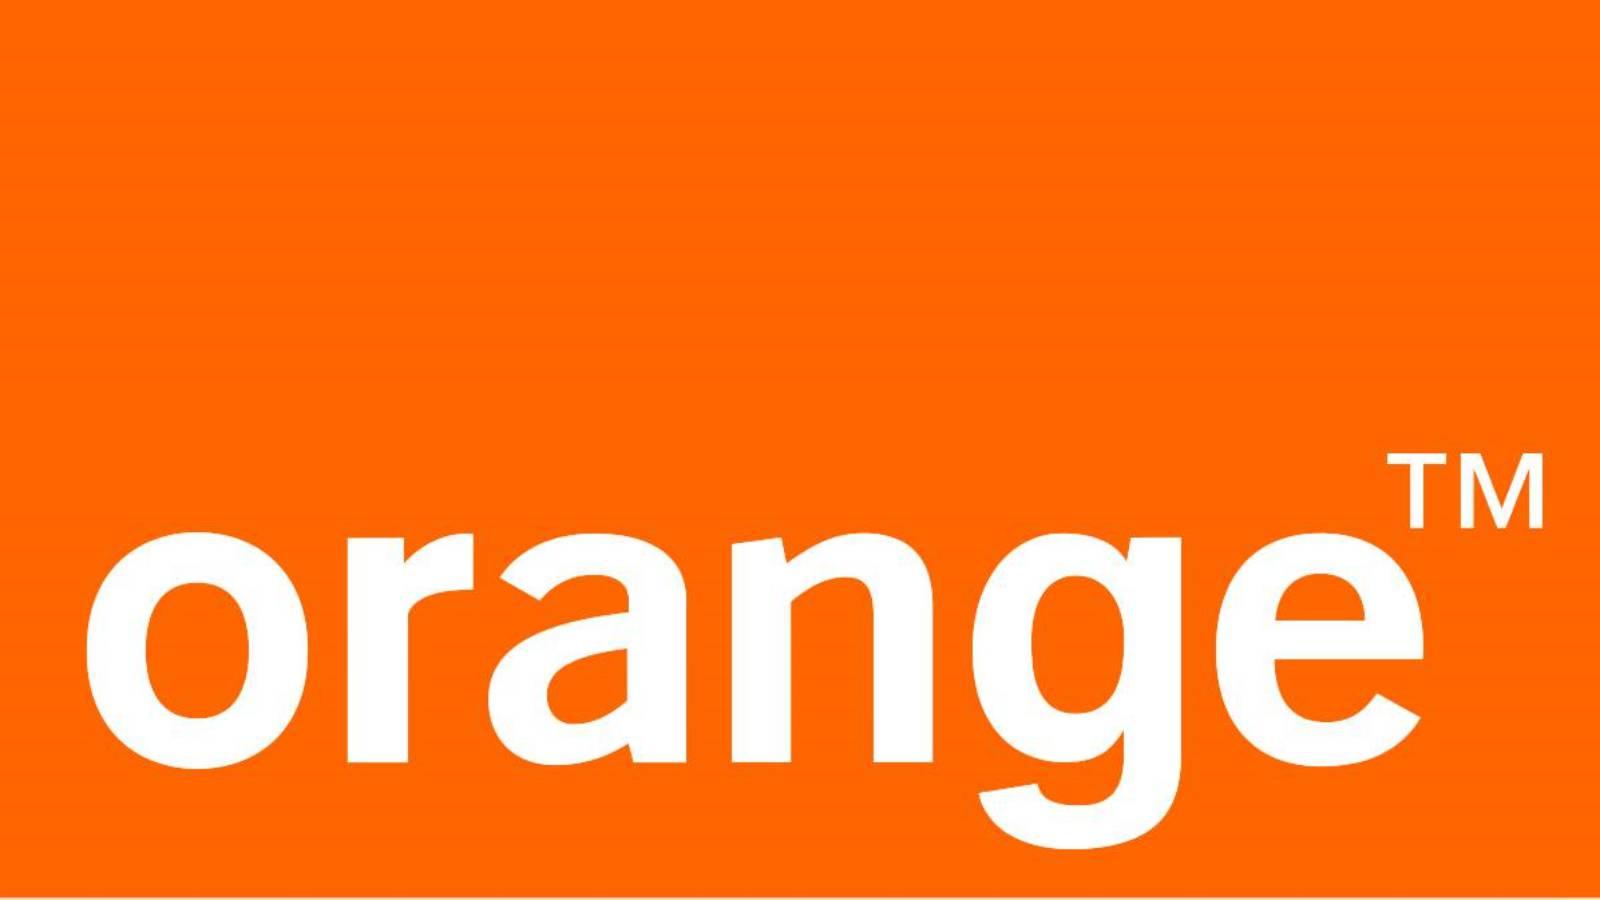 Orange ratare